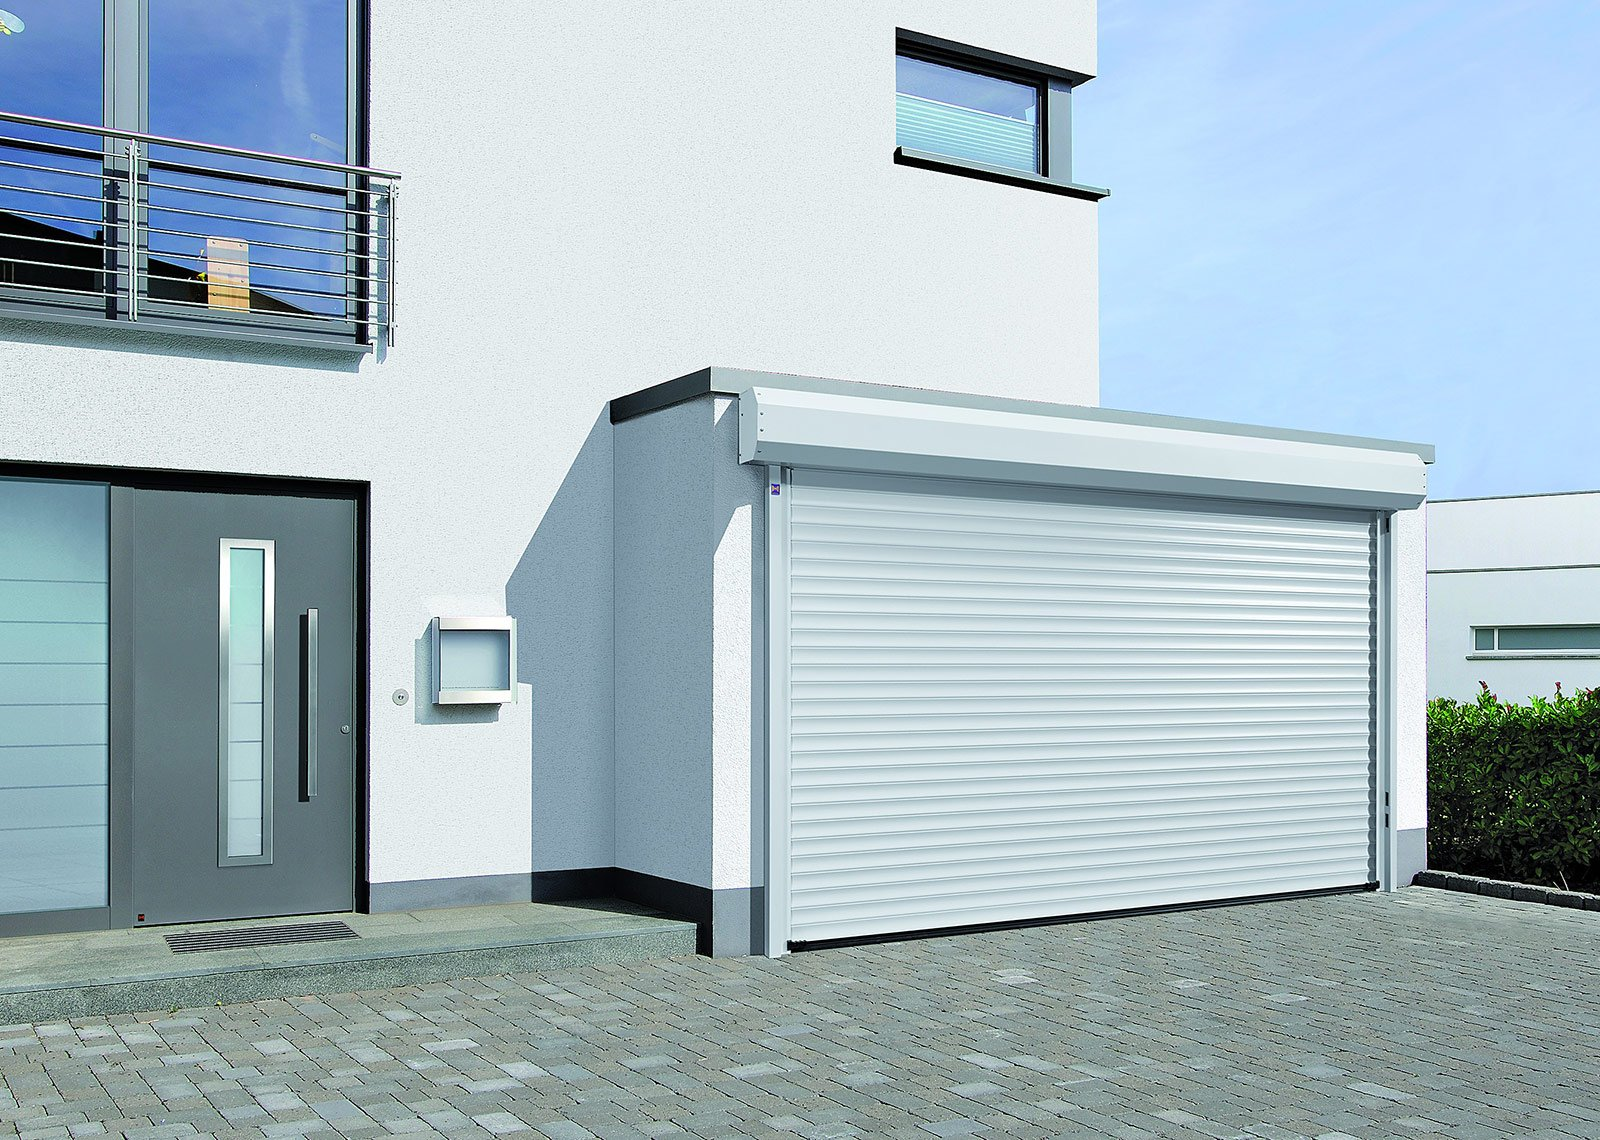 Serrande avvolgibili per il garage cose di casa for Disegni di addizione garage